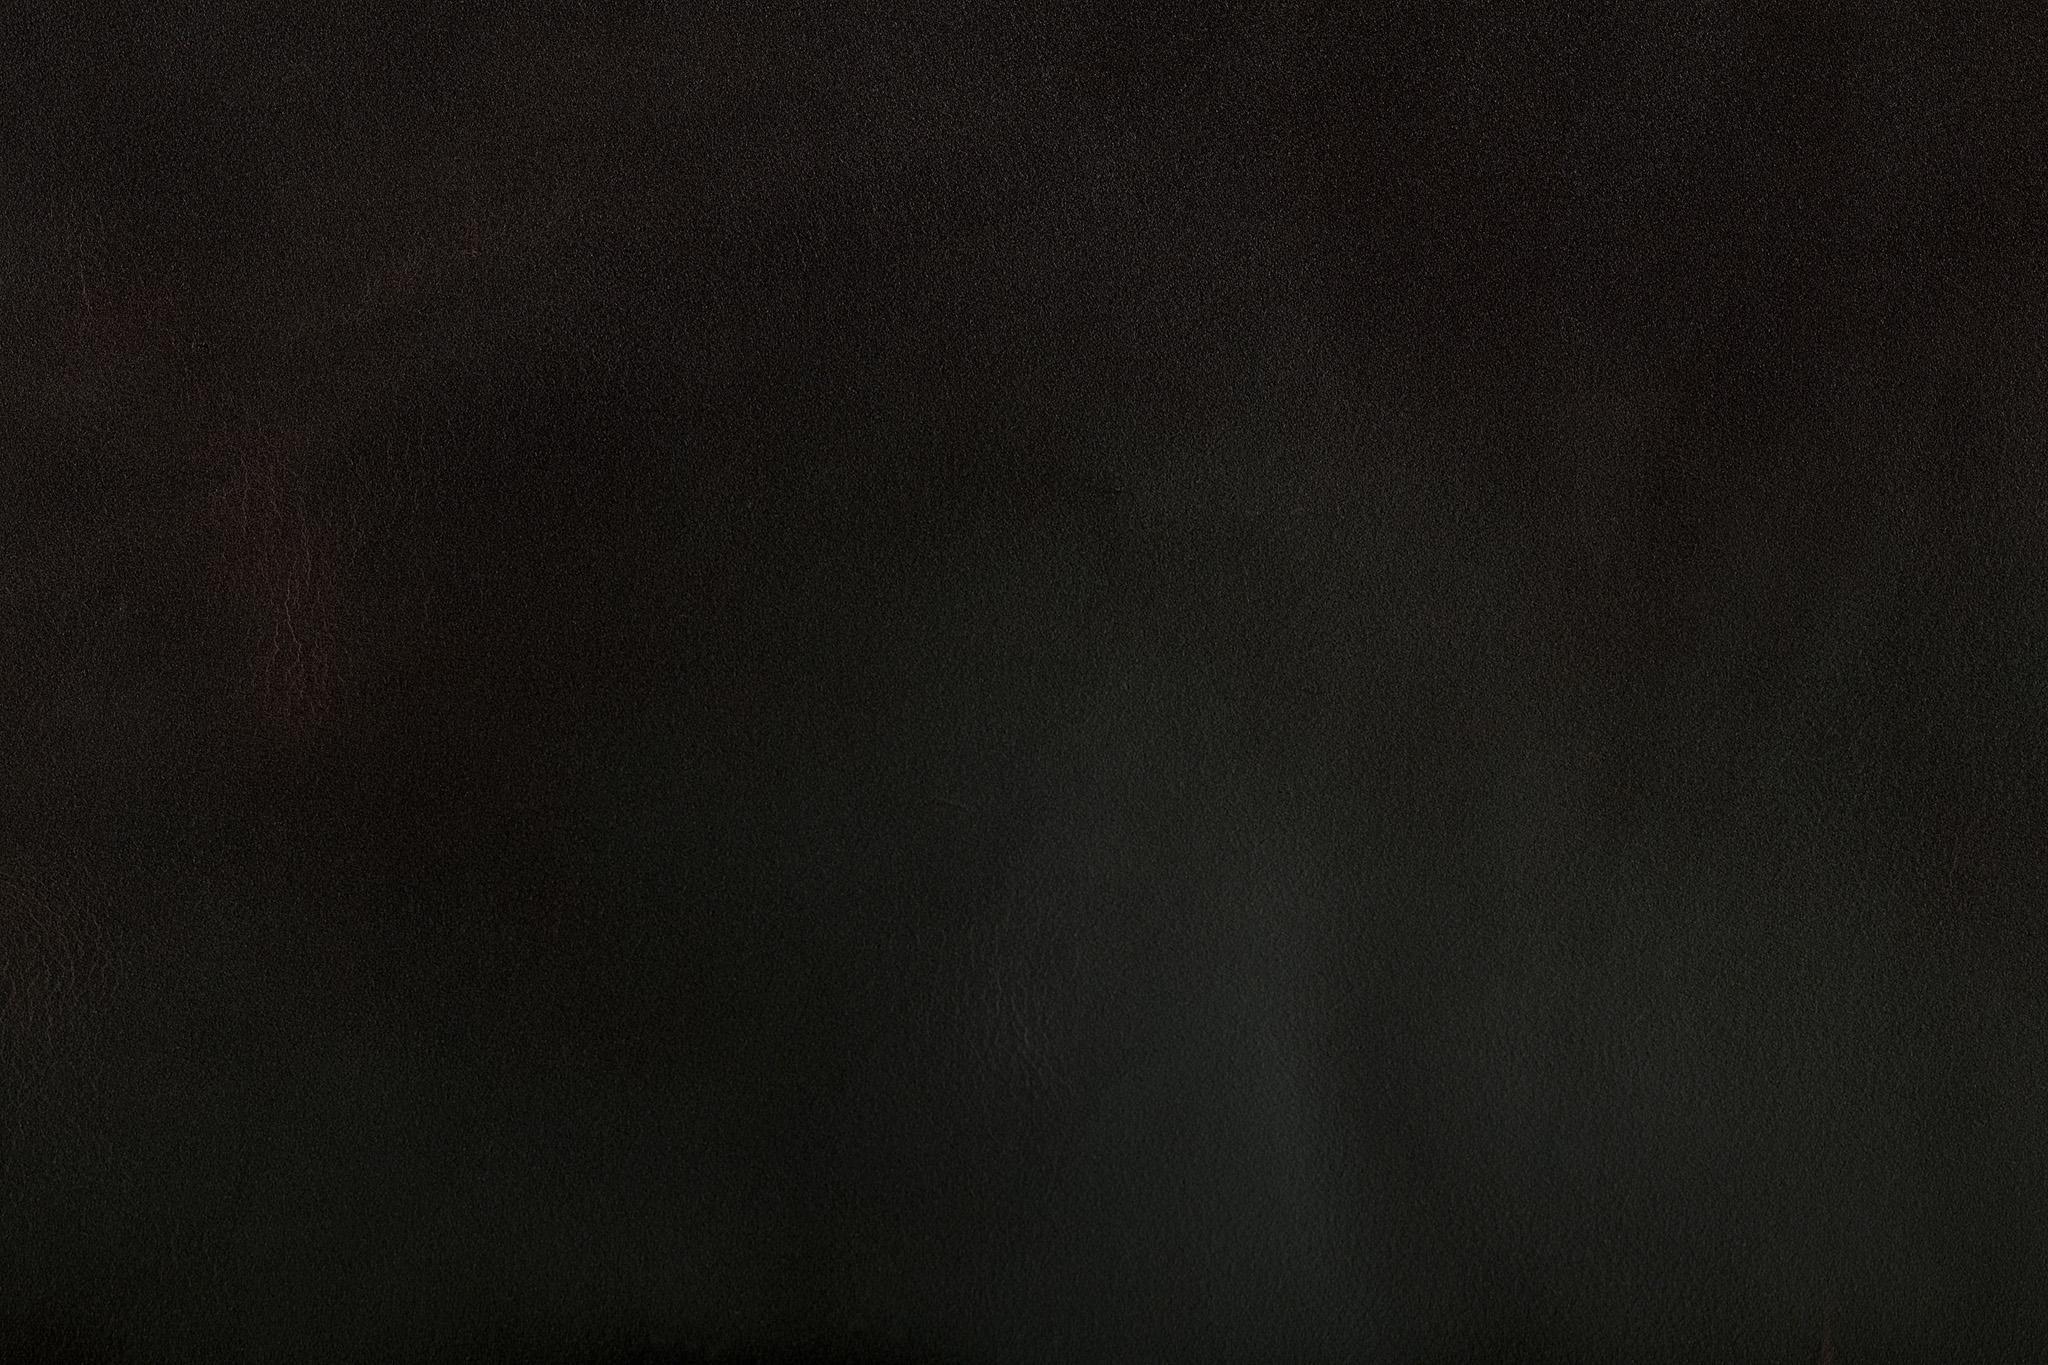 鈍い光沢のある黒い革素材